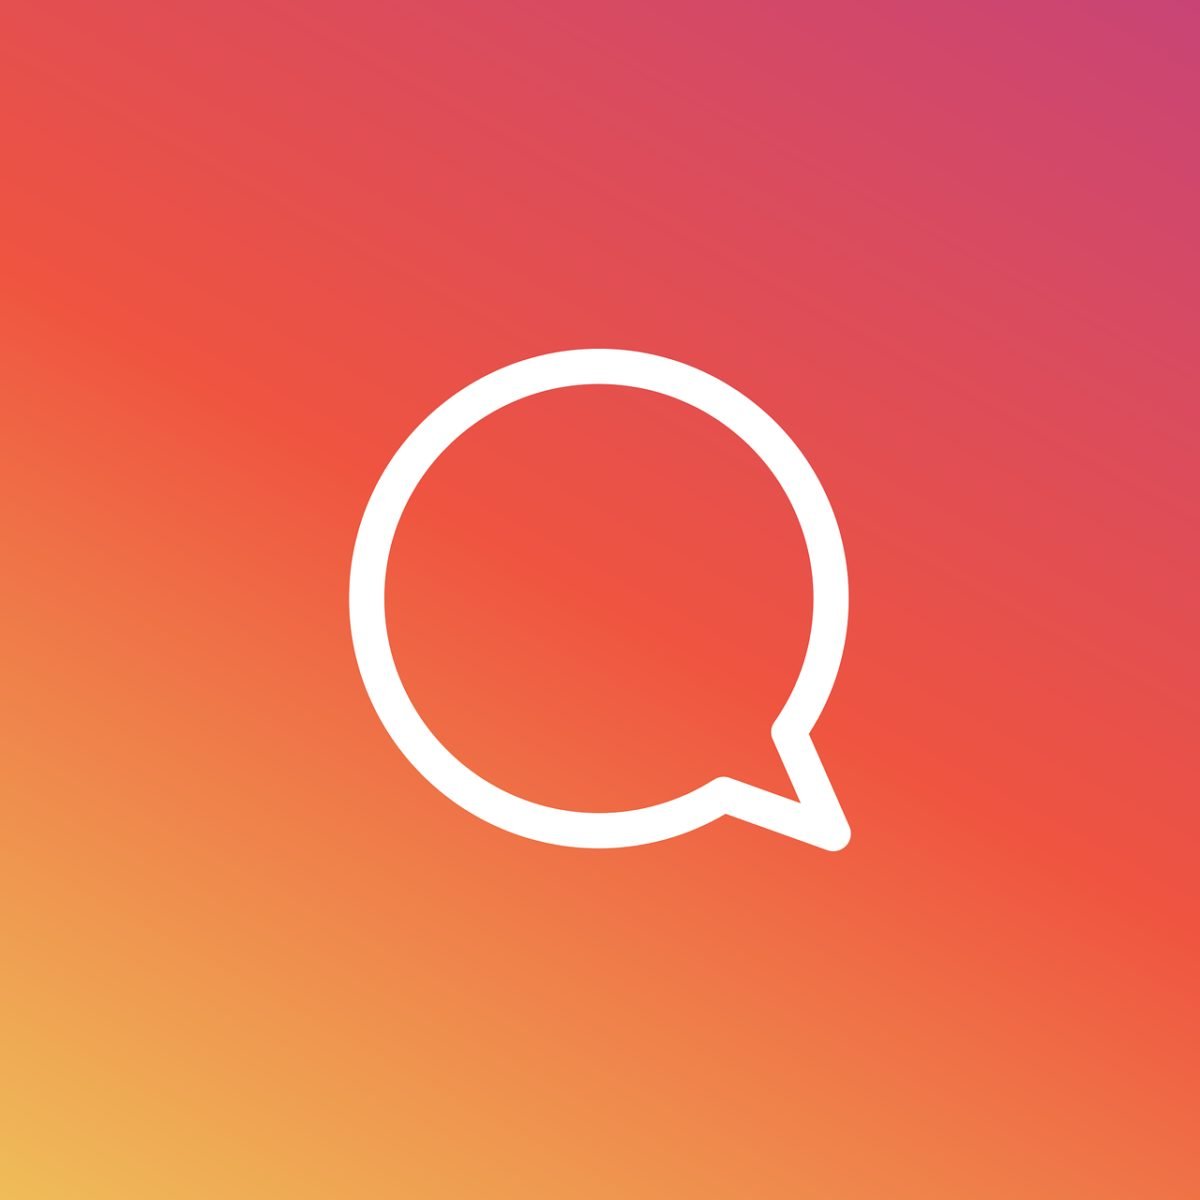 WhatsApp ha recentemente introdotto una novità molto attesa da molti utenti, che consente il blocco per sempre le notifiche dei gruppi.